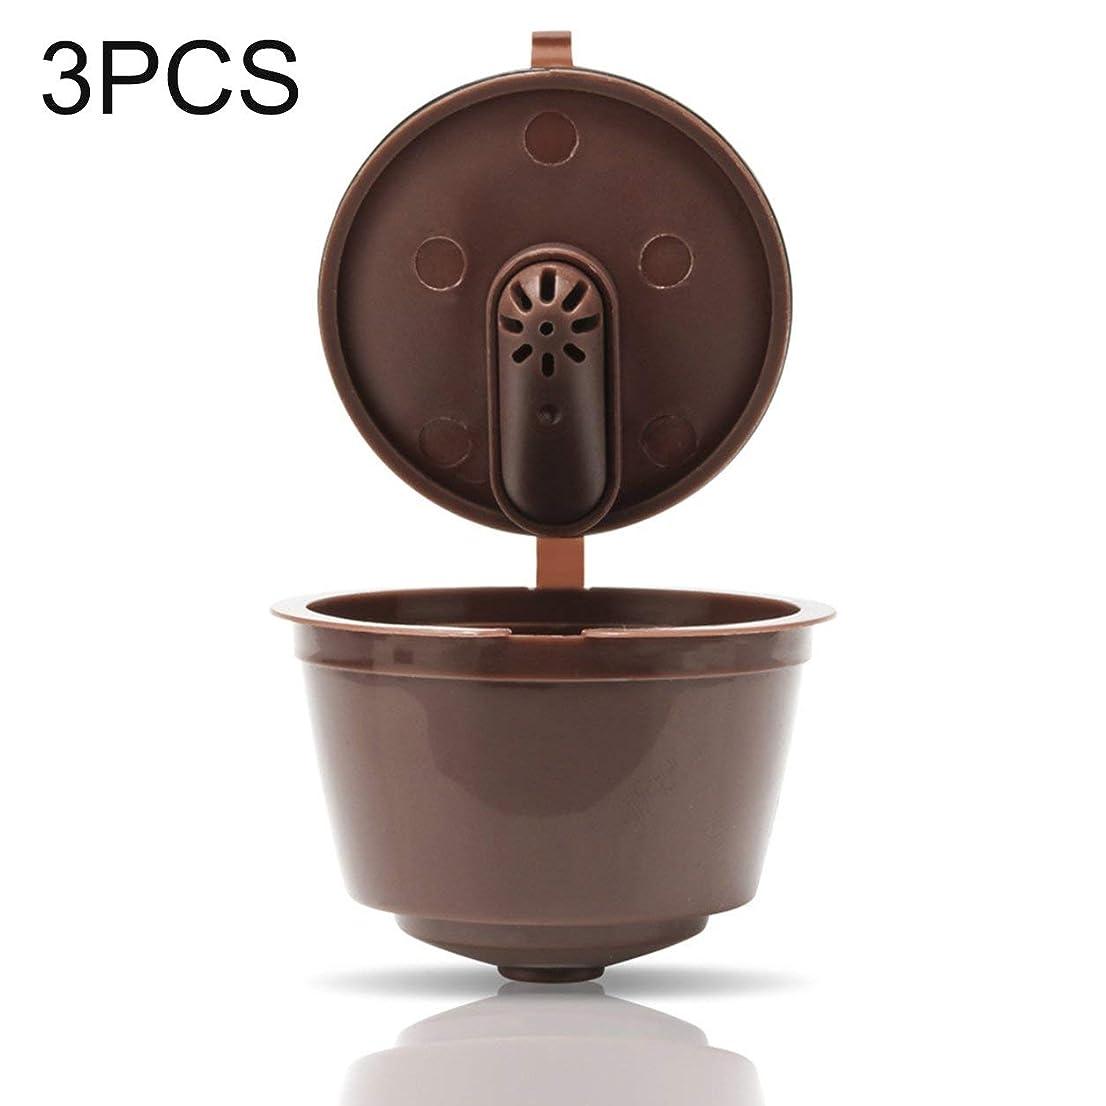 登山家ネイティブ代数的Saikogoods 更新されたバージョン コーヒーカプセル 詰め替え再利用可能 コーヒーカップ コーヒーバスケット コーヒーメーカー キッチンツールをフィルター ダークブラウン 3PCS